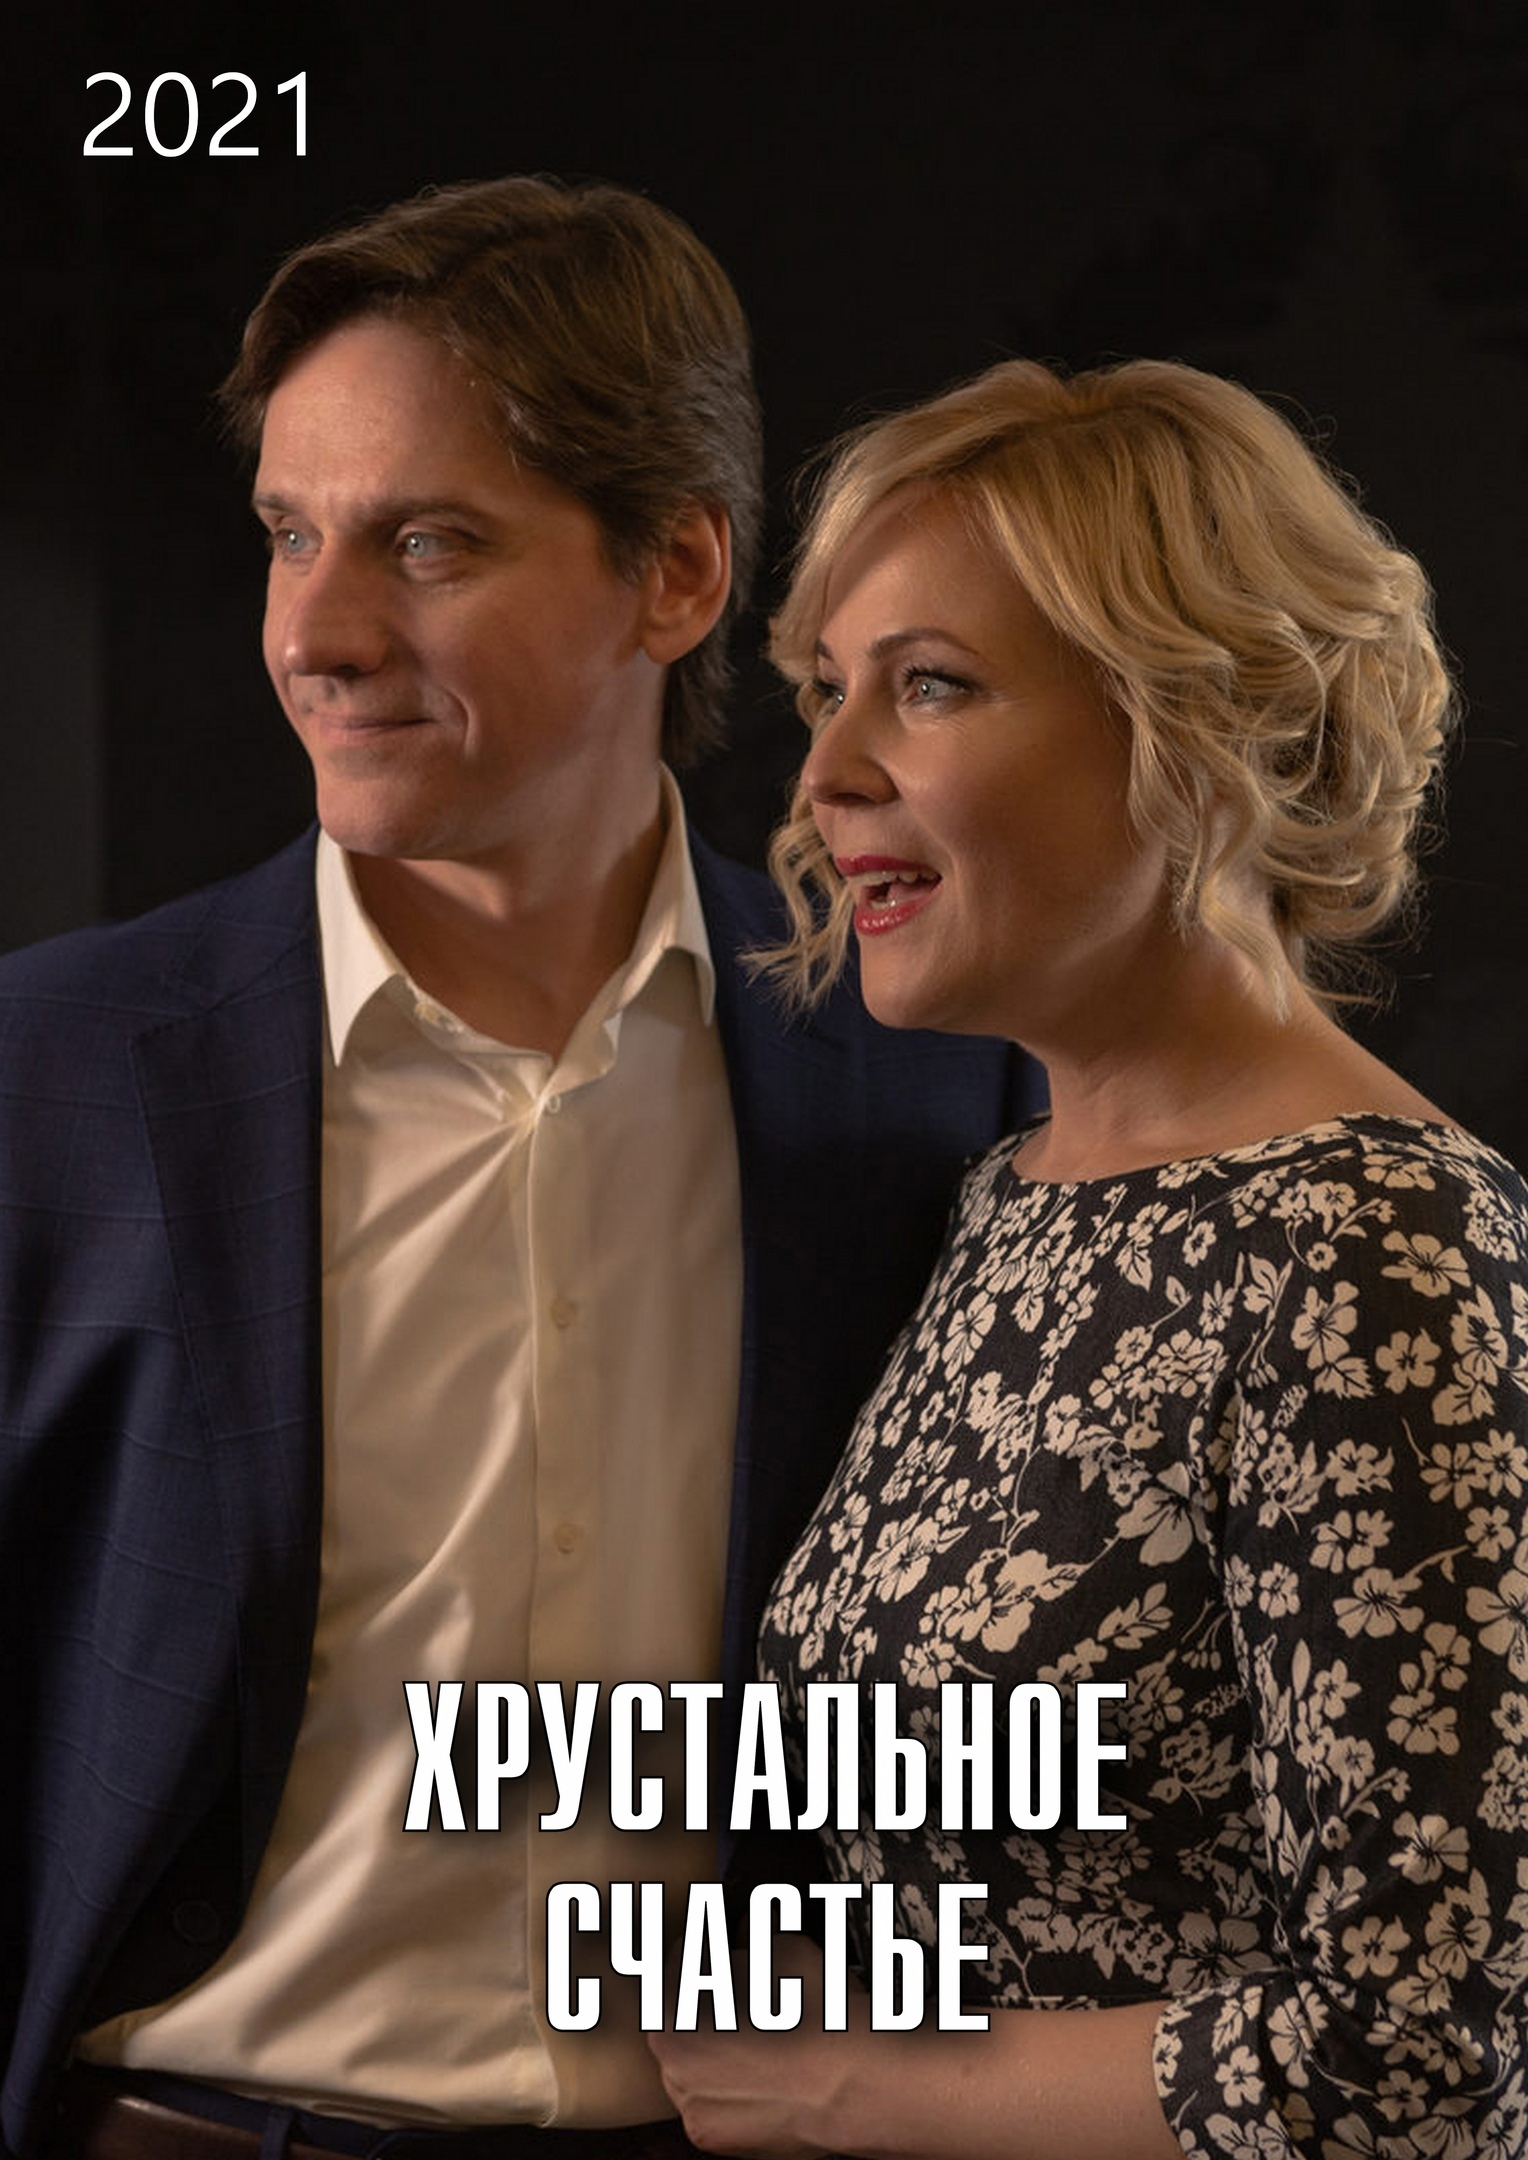 Мелодрама «Xpycтaльнoe cчacтьe» (2021) 1-4 серия из 4 HD